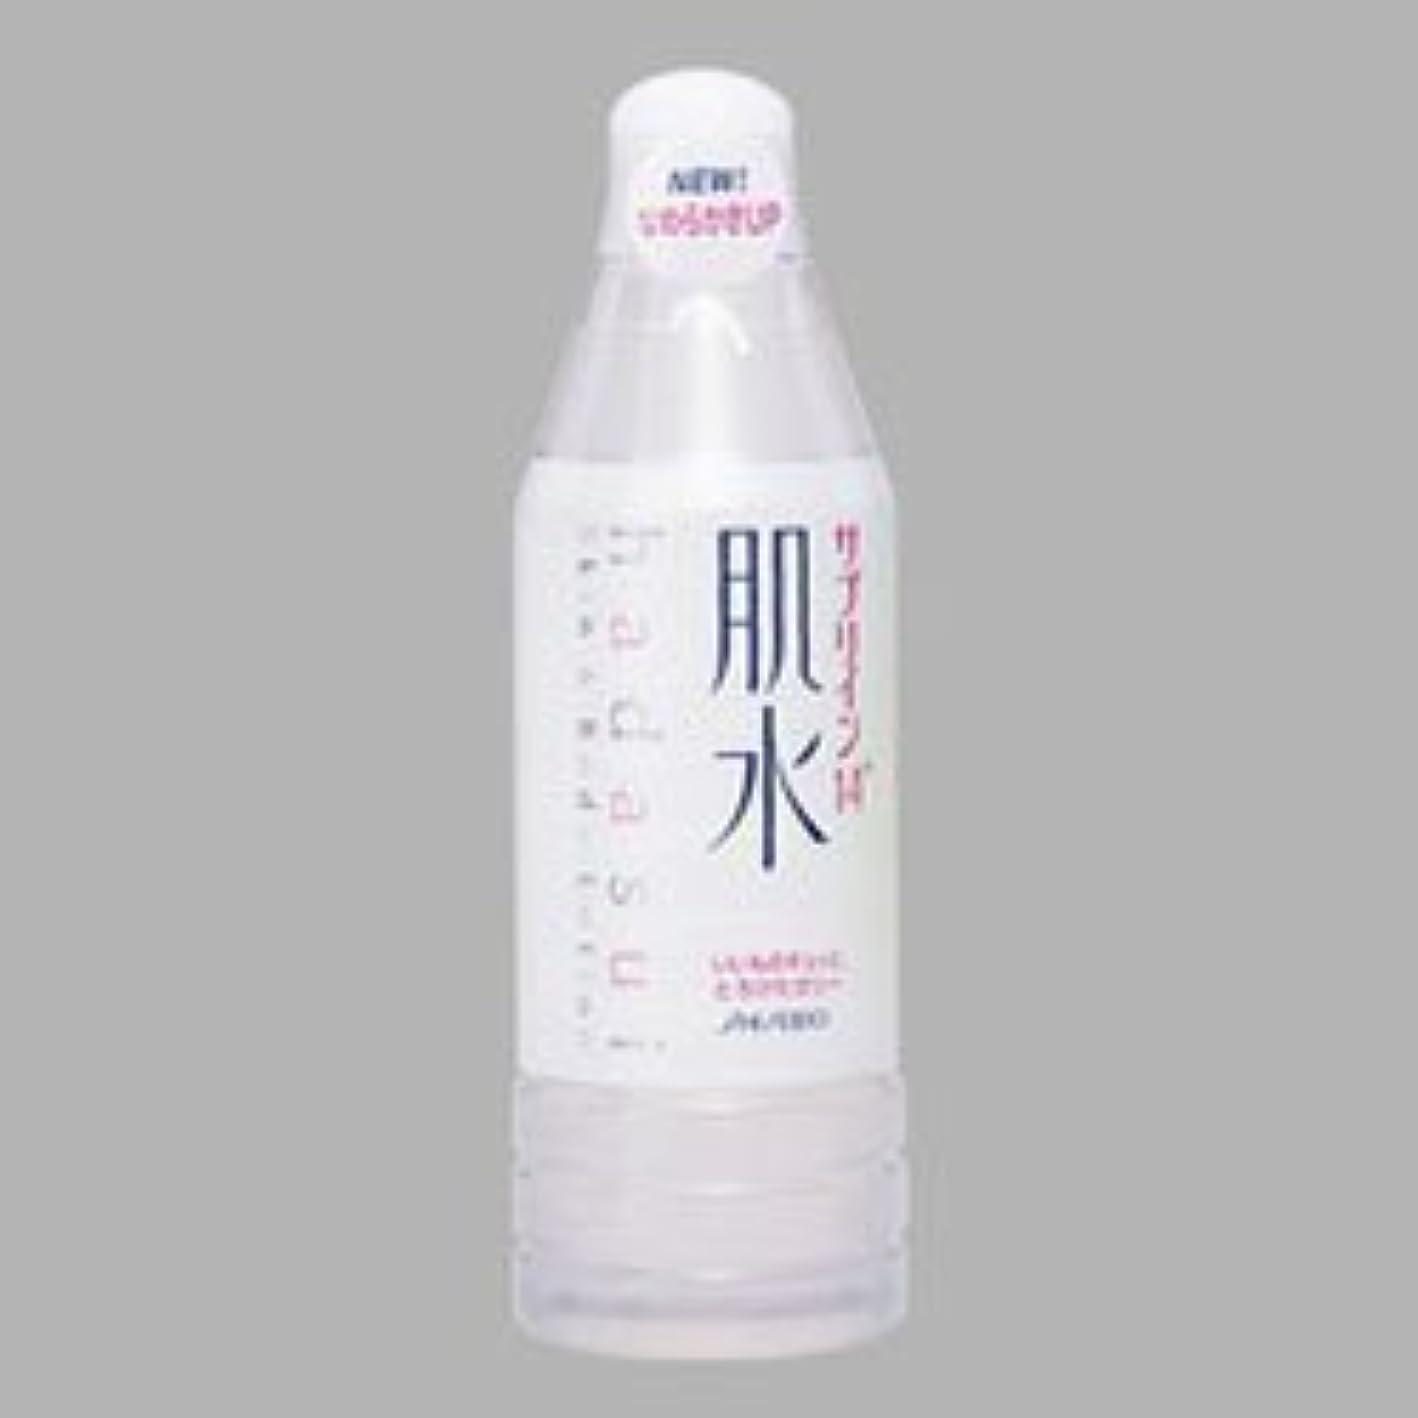 かろうじて講義探す【エフティ資生堂】肌水サプリイン14+ (ボトル) 400ml☆☆ ×3個セット